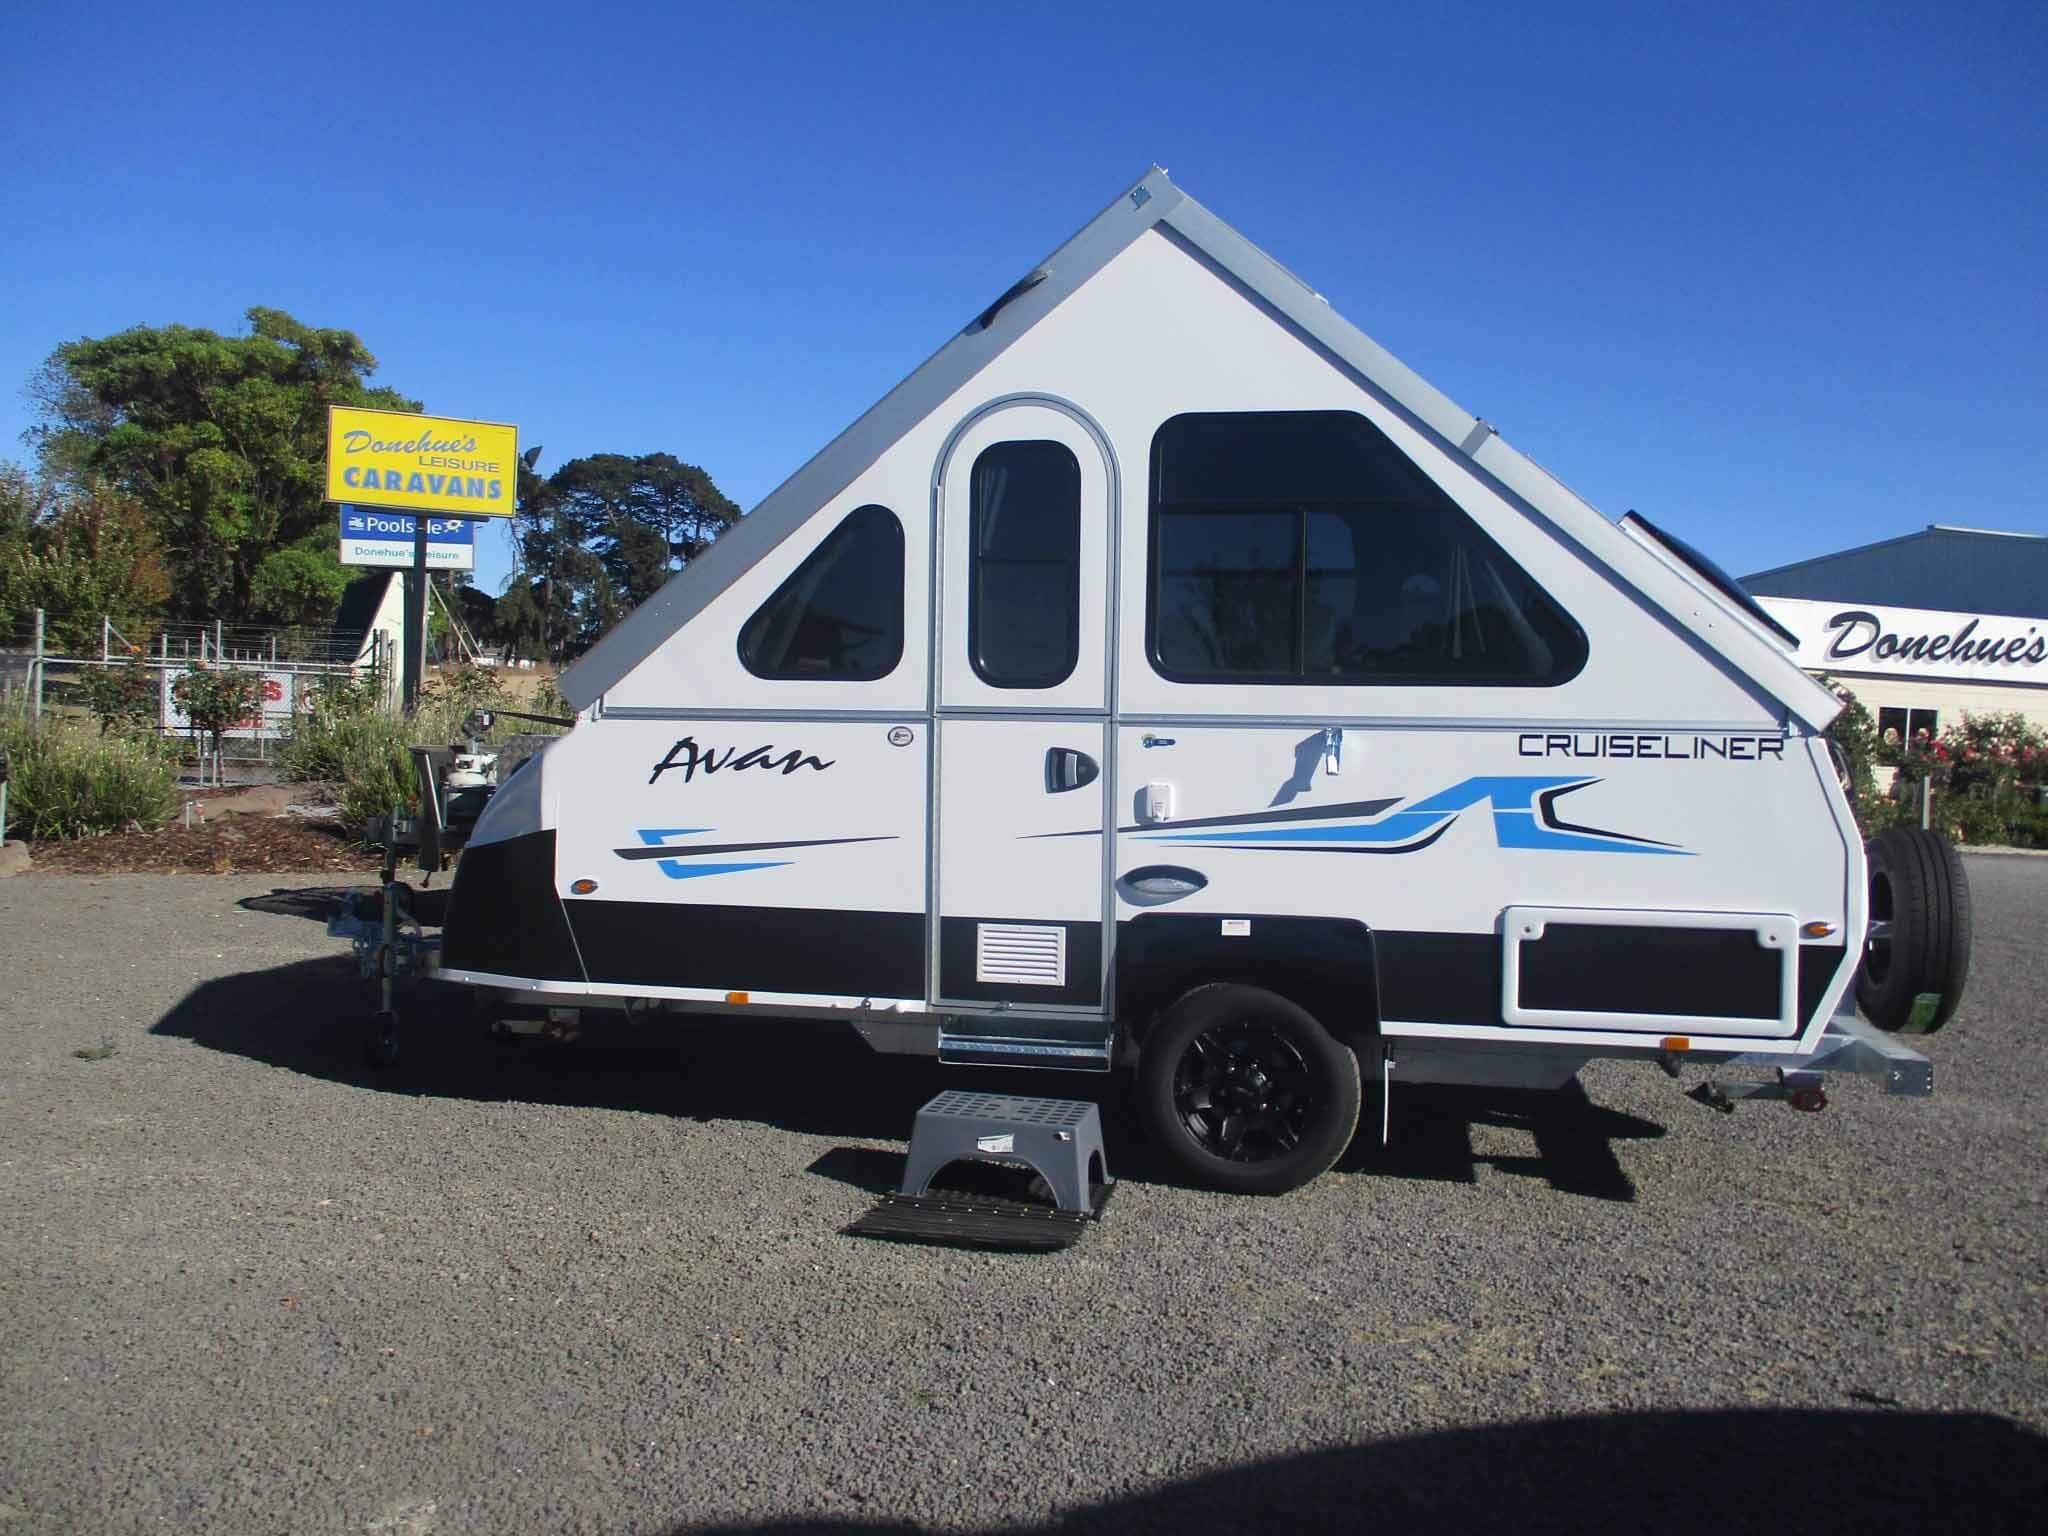 Donehues Leisure New Avan Cruiseliner Camper Mt Gambier 12278 2